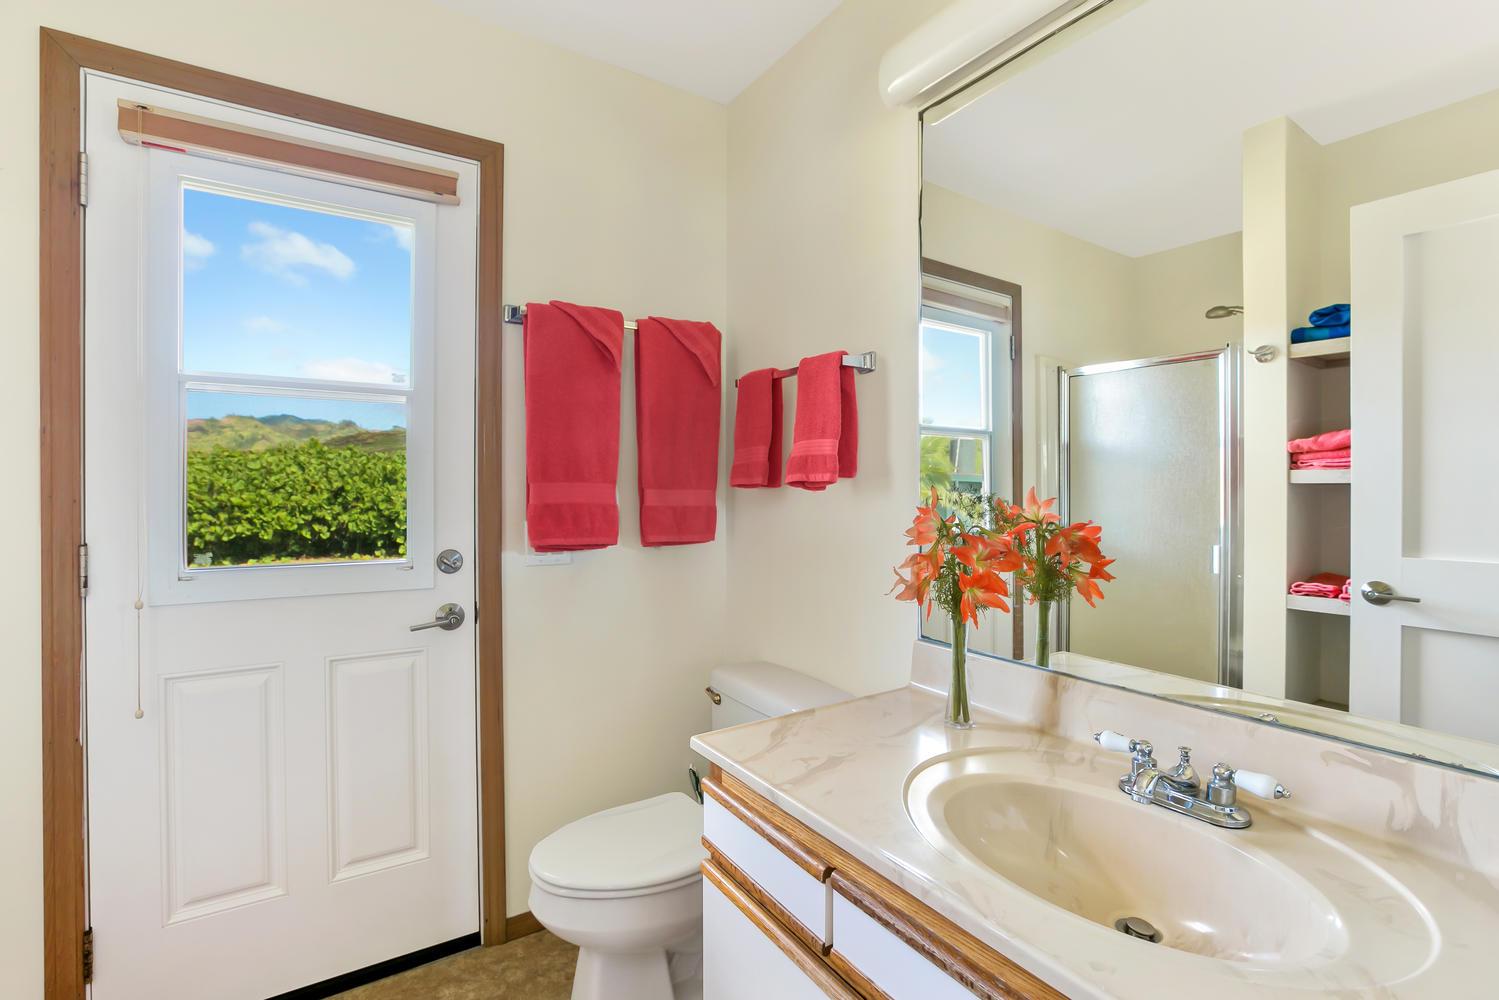 Gillin Beach House-large-025-6-Bathroom A B C D-1500x1000-72dpi.jpg